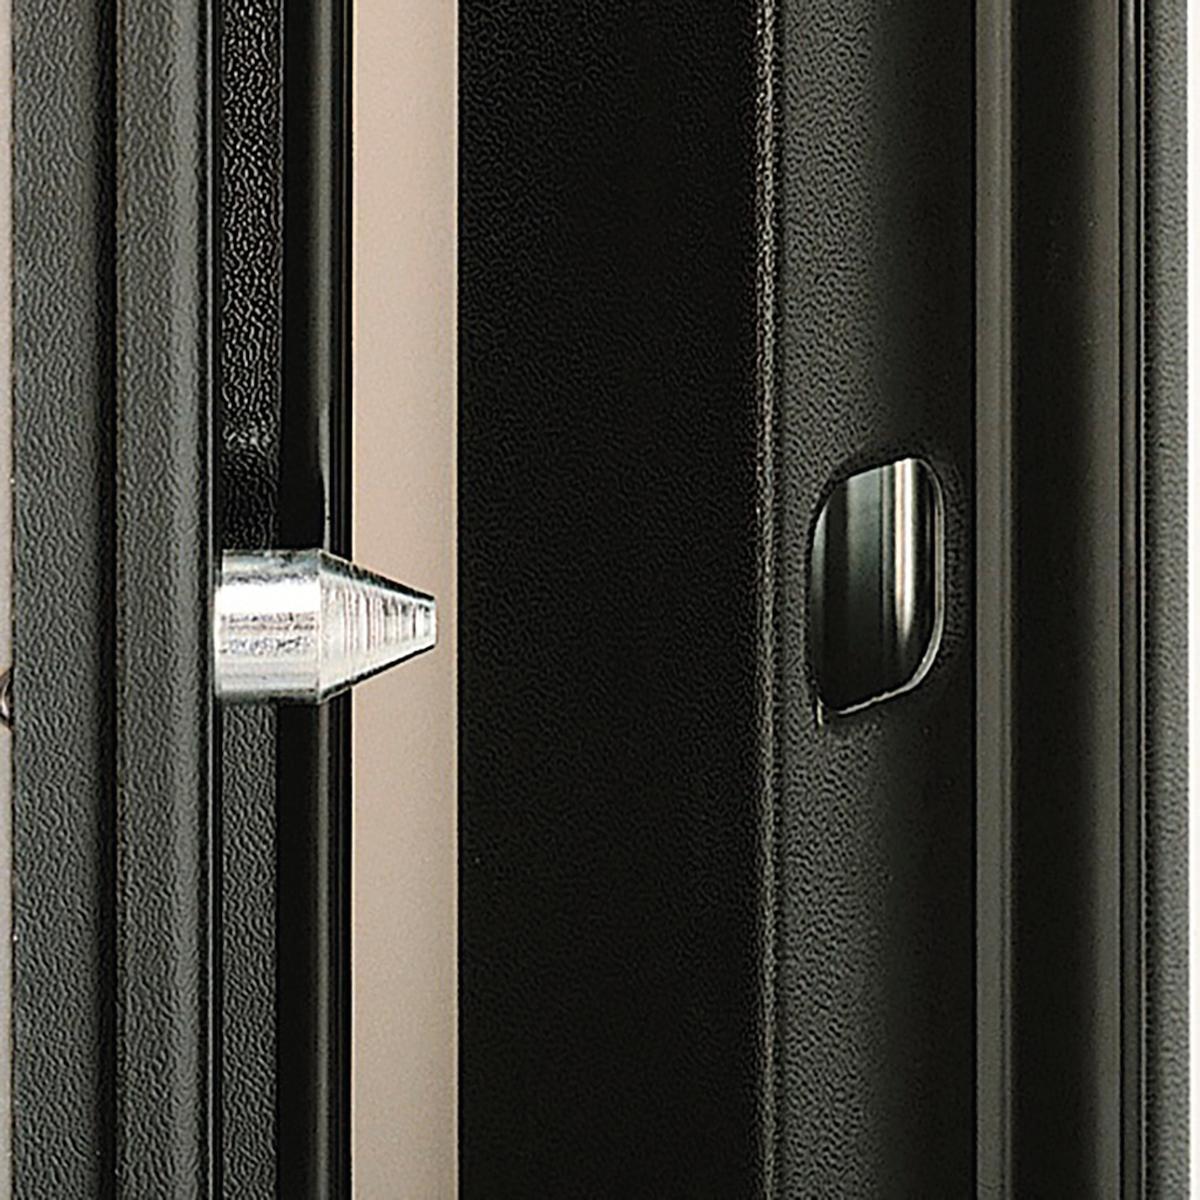 Porta blindata Termika grigio L 90 x H 210 cm destra - 10